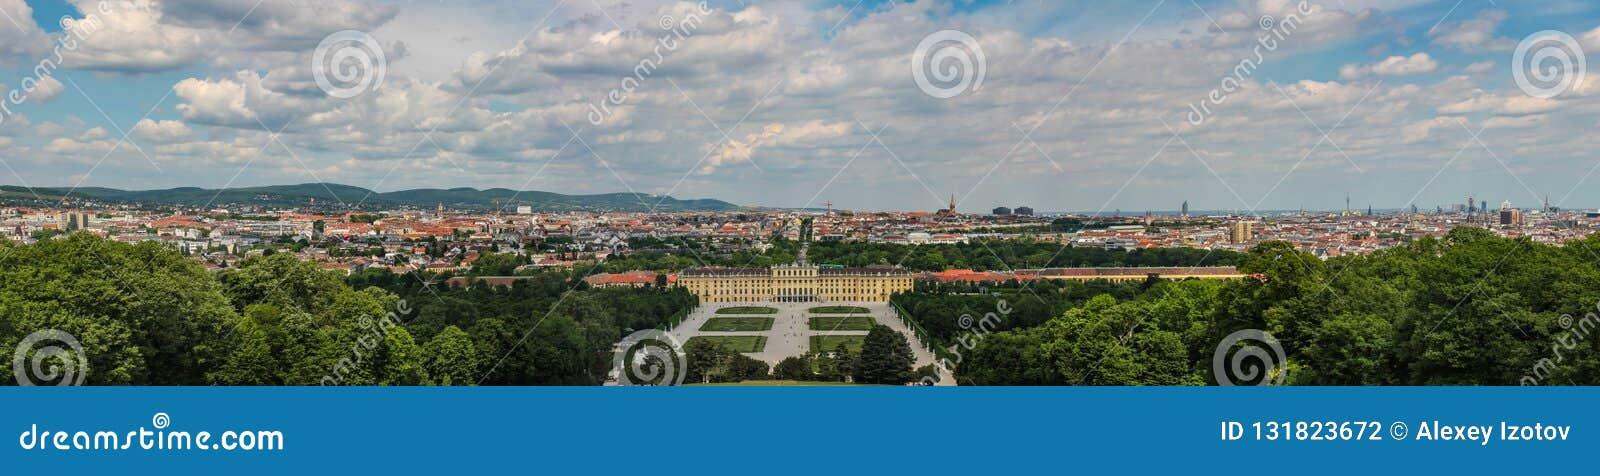 A vista panorâmica do palácio do Belvedere é um exemplo impressionante da arquitetura como a arte do período barroco chamativo em